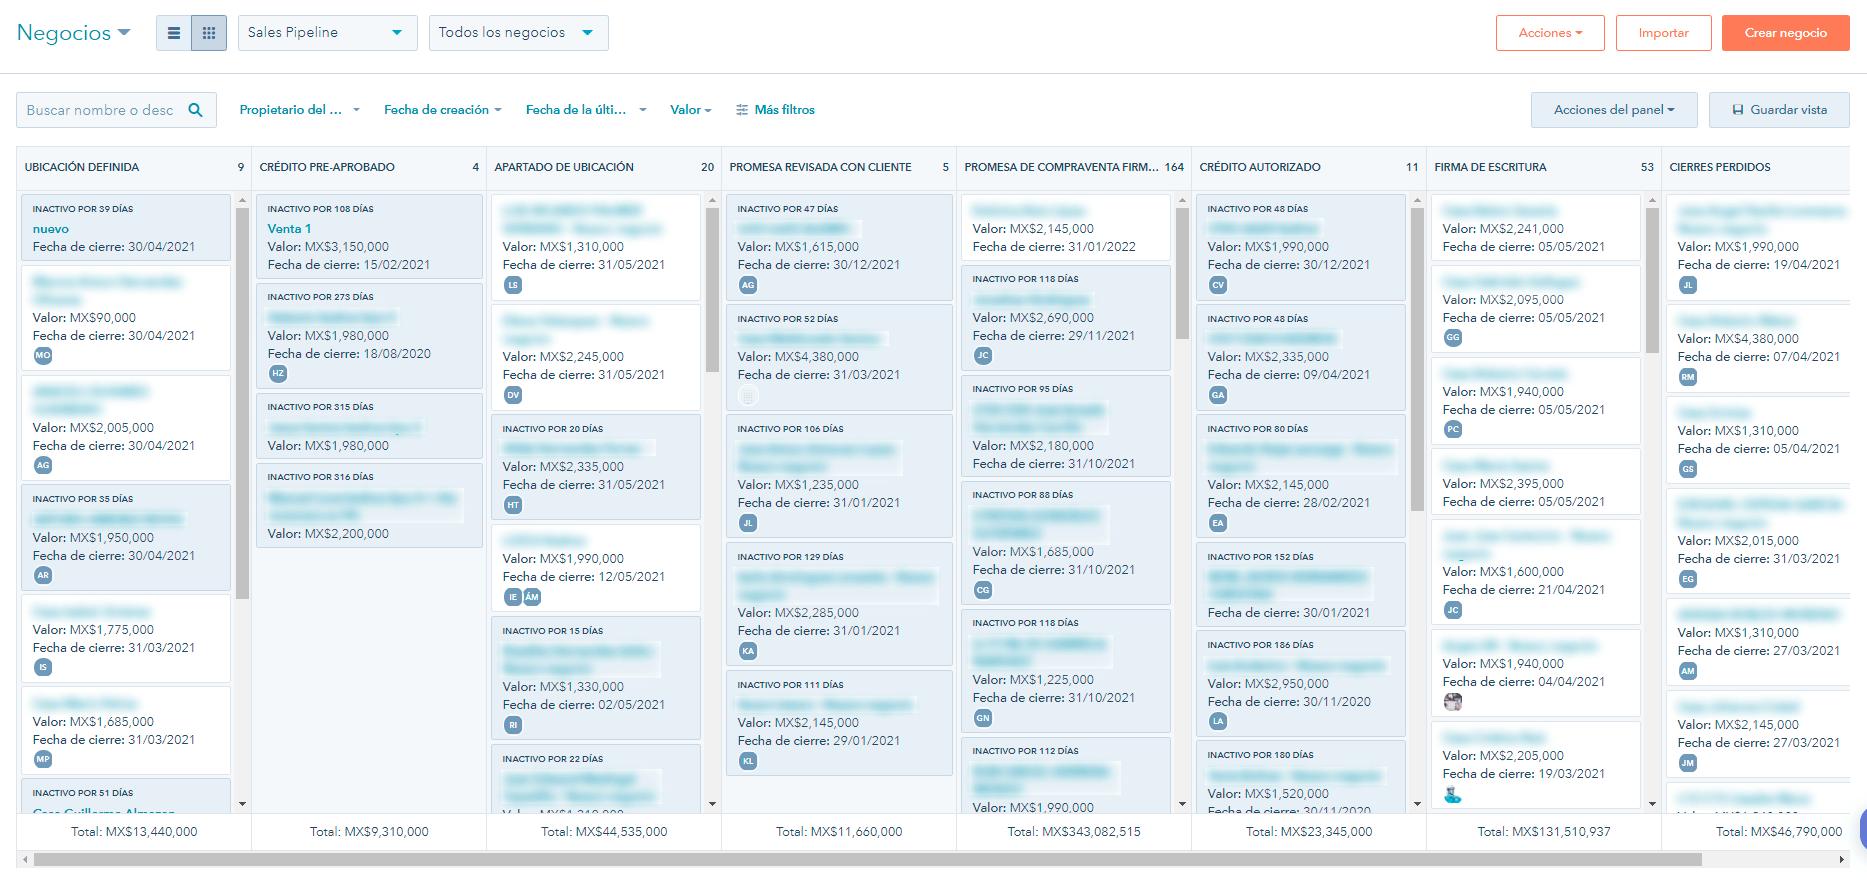 Ejemplo del pipeline de ventas de hubspot captura de pantalla